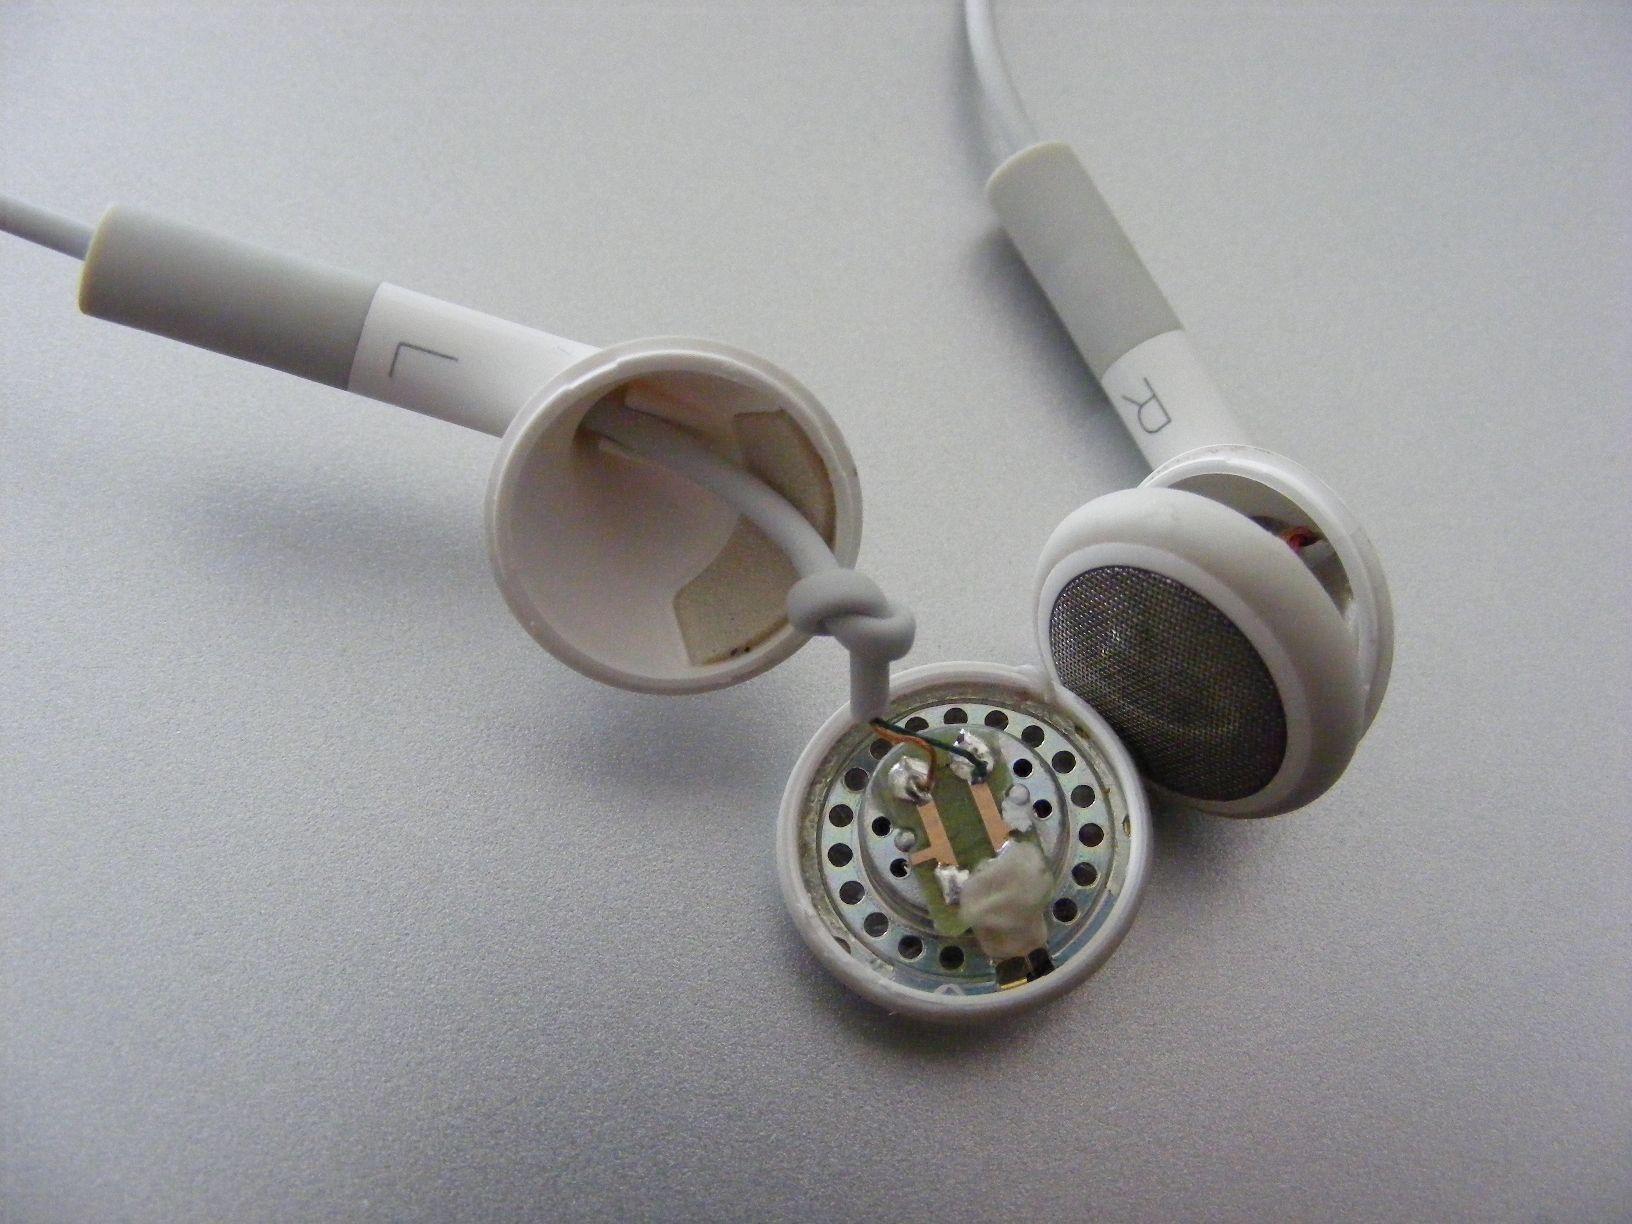 hogyan lehet eltávolítani a fejhallgatót? rák nyelvcsúcsa